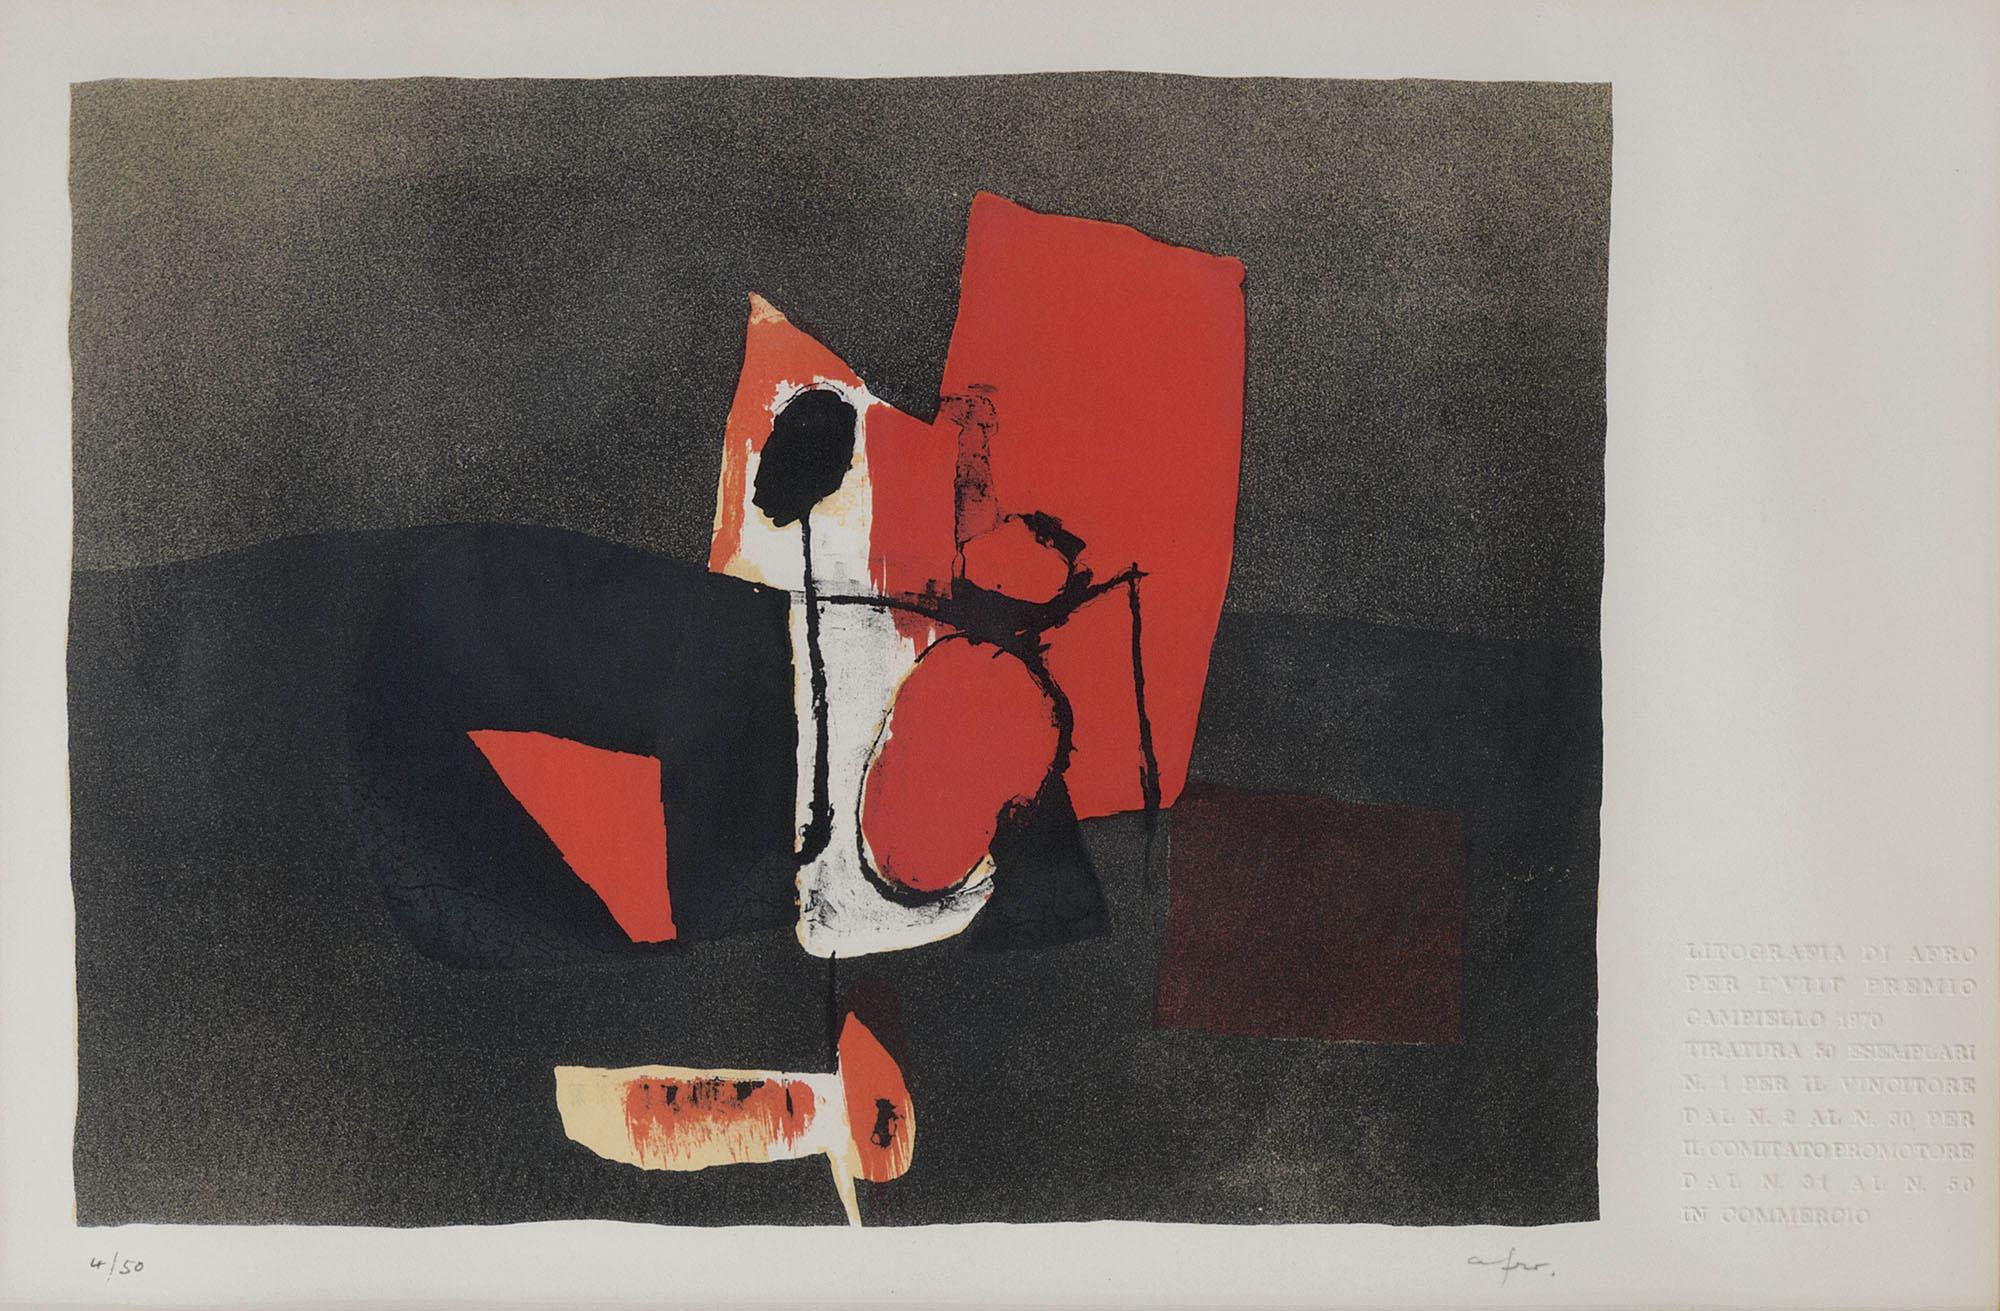 Campiello, 1970